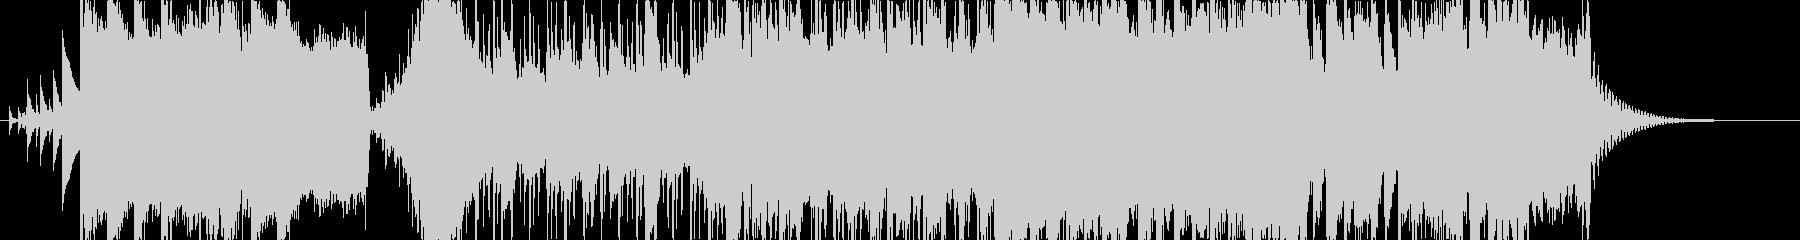 マイナー調のロックな出囃子の未再生の波形